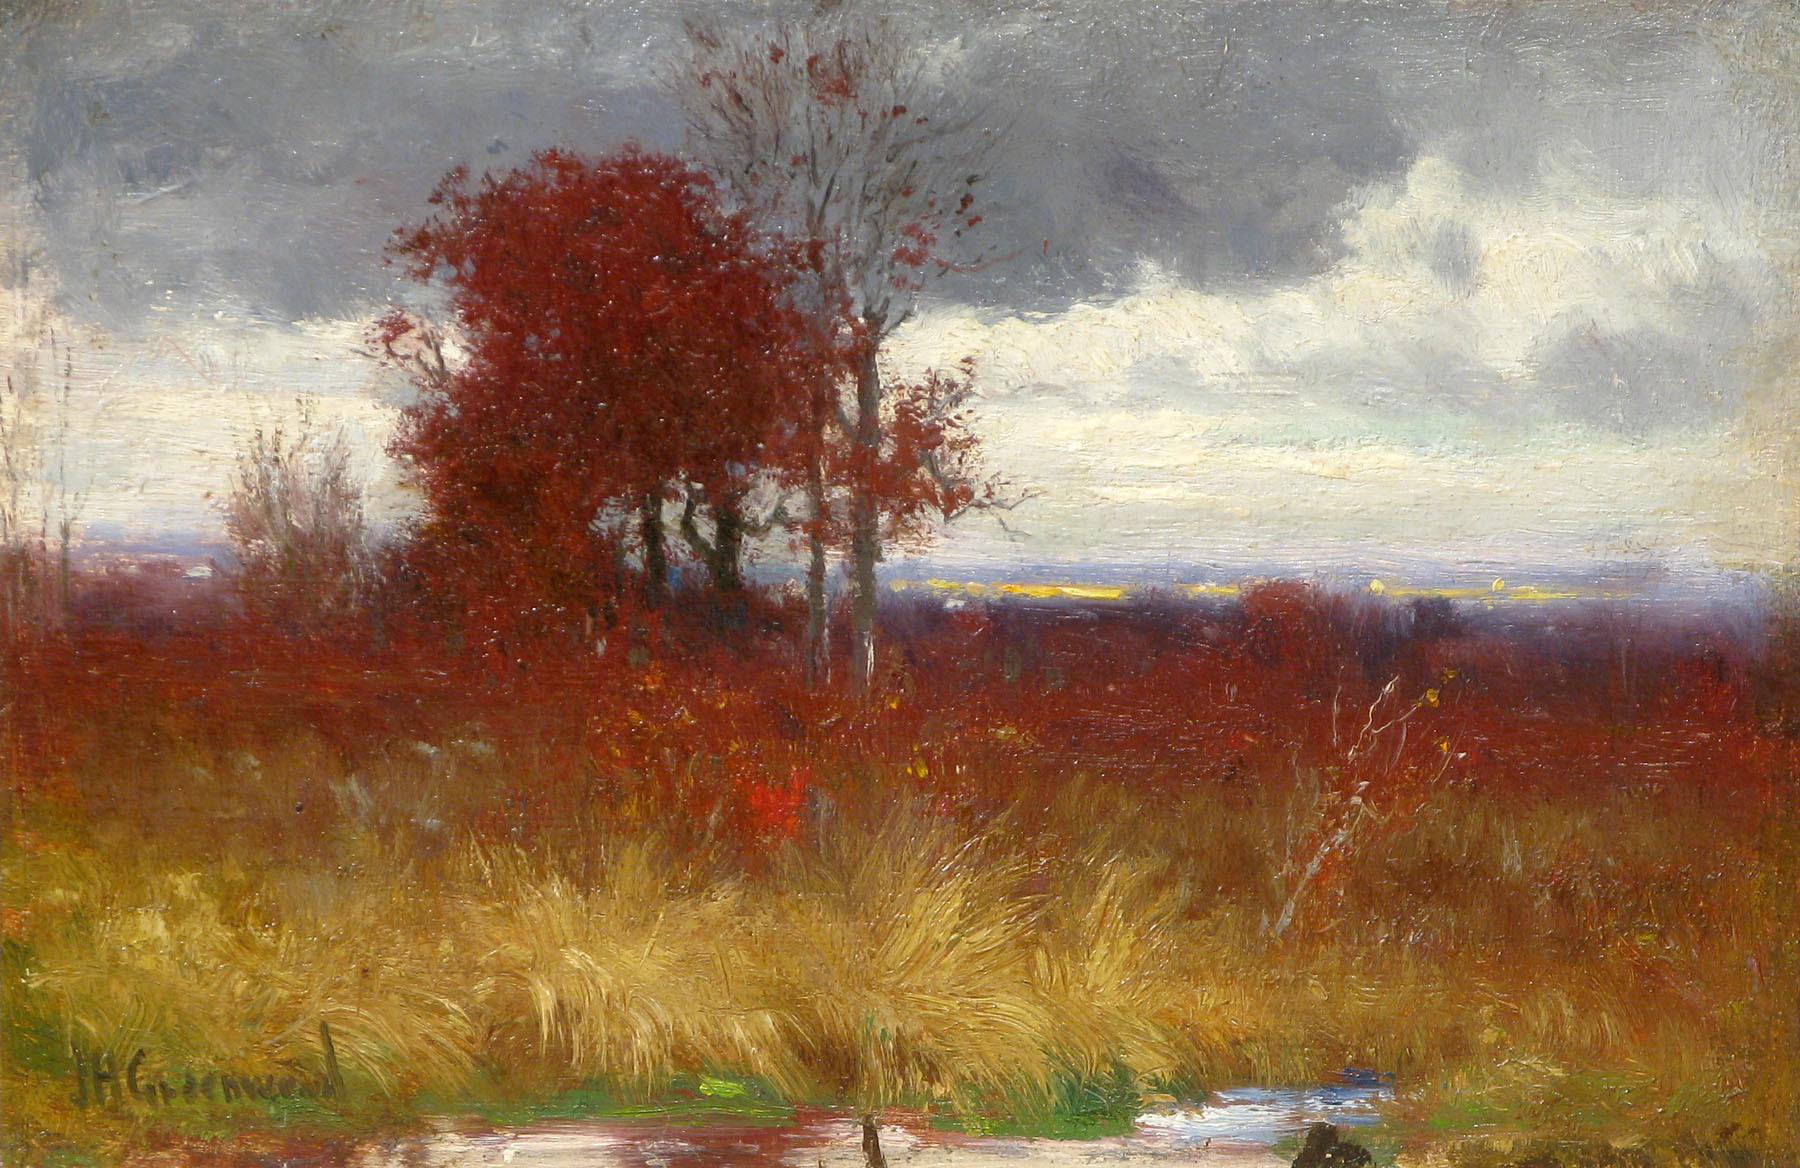 J P H Landscapes